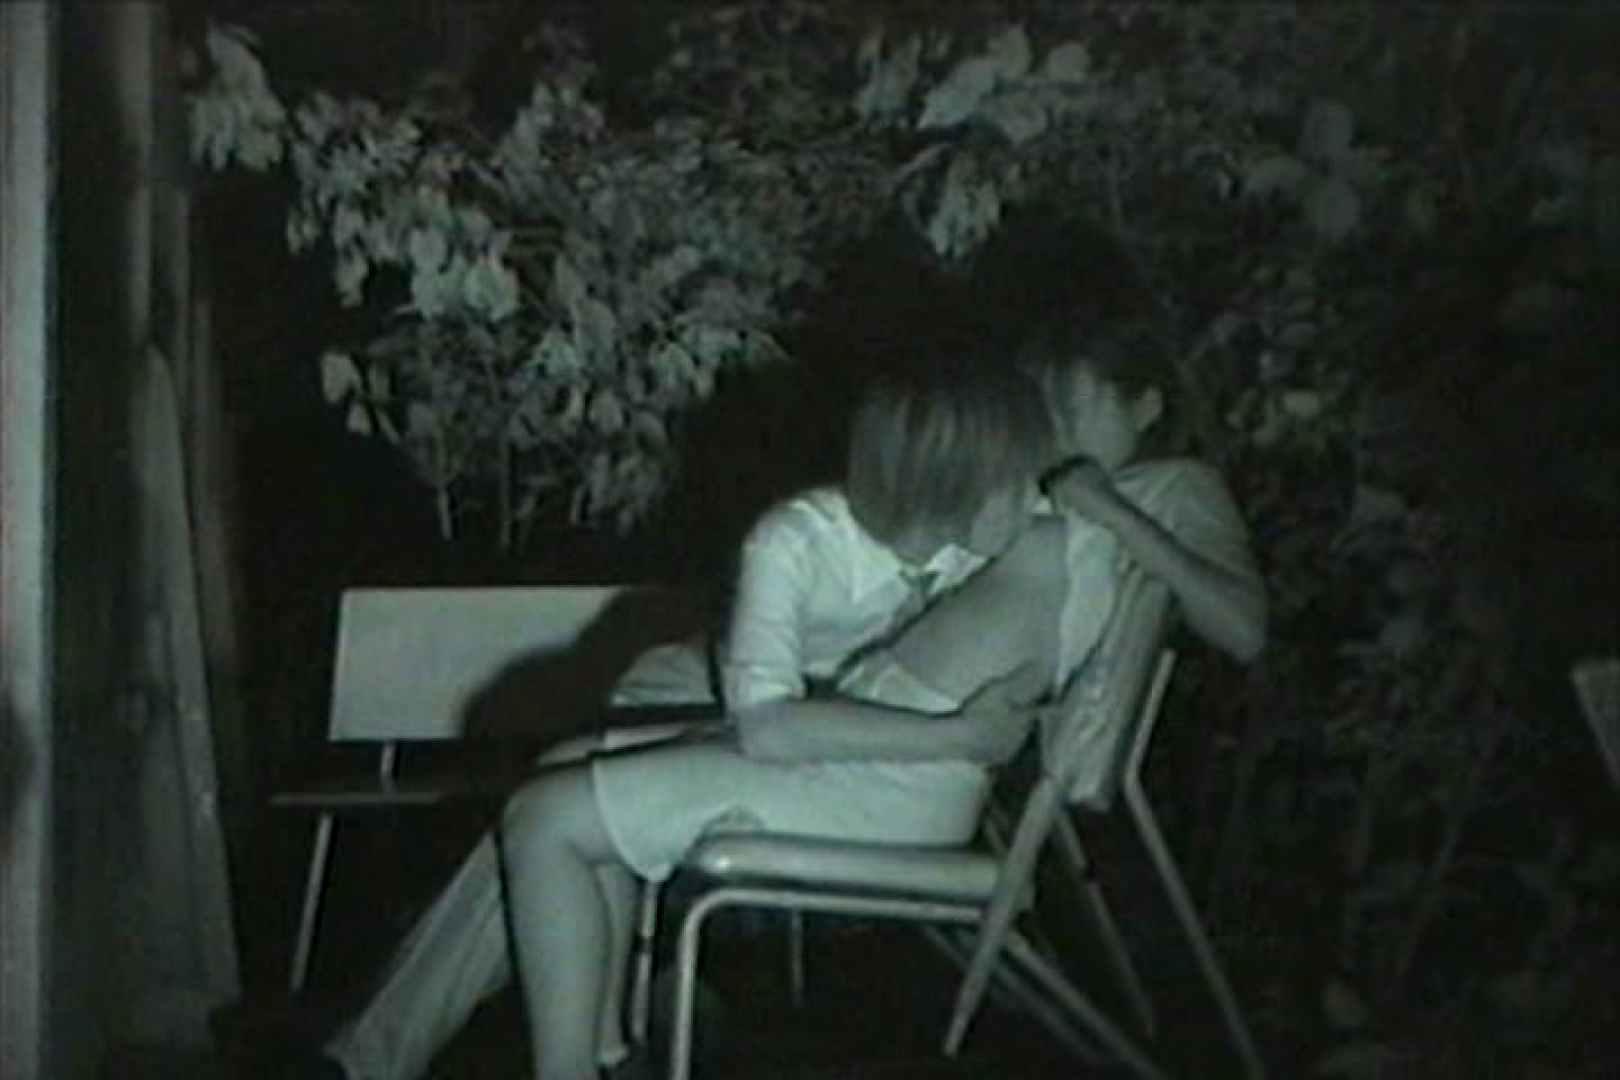 闇の仕掛け人 無修正版 Vol.25 美しいOLの裸体  102pic 40